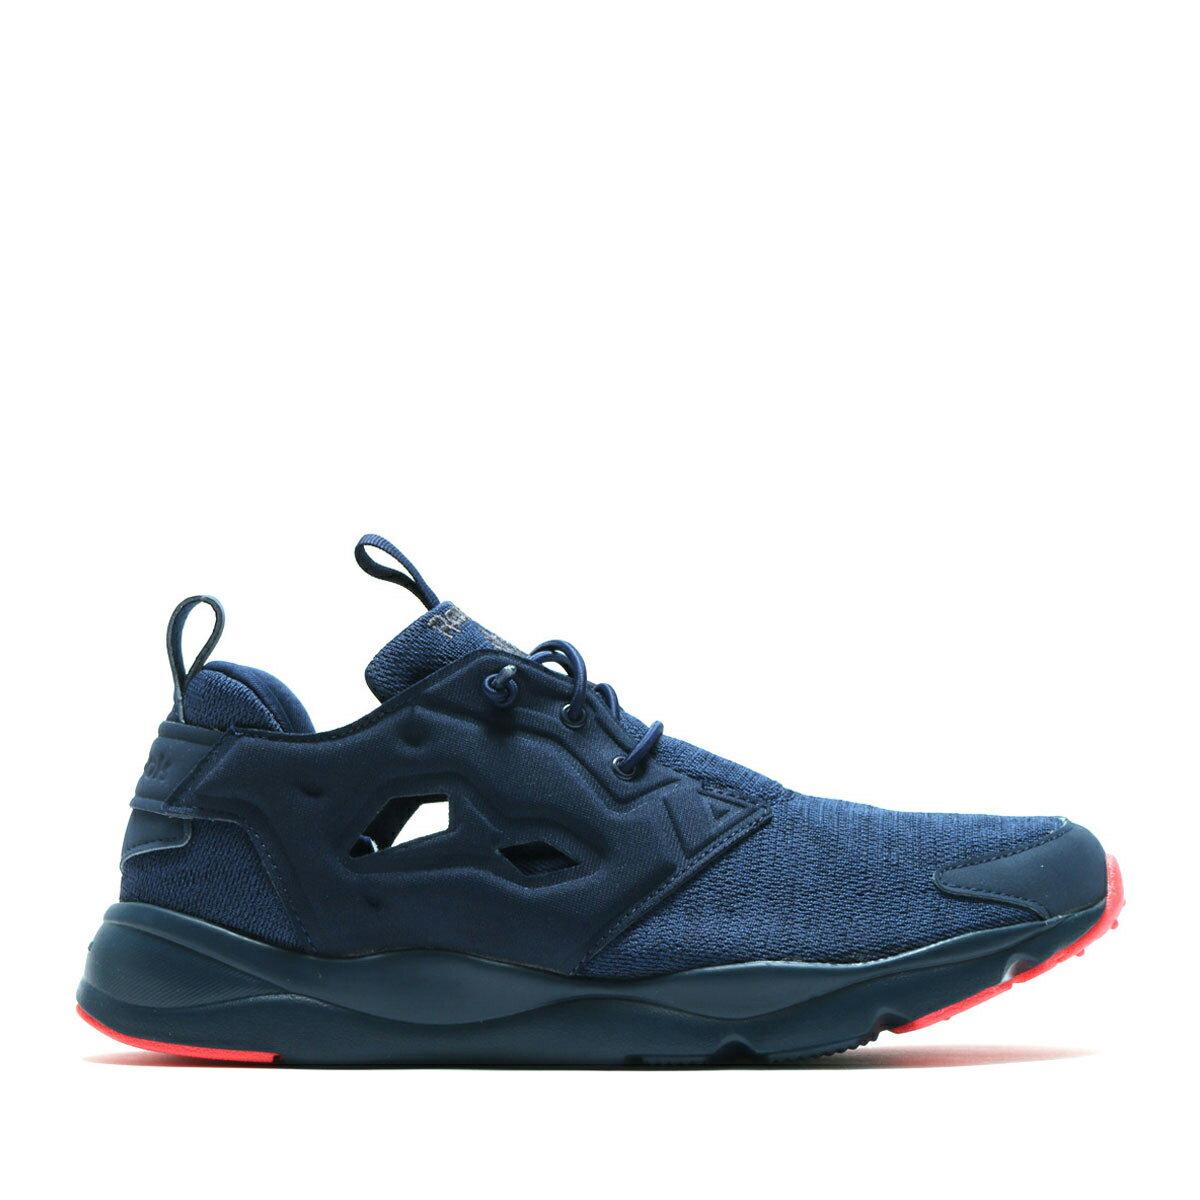 《限時特賣↘7折免運》REEBOK FURYLITE SOLE 女鞋 慢跑鞋 休閒 網布 襪套 海軍藍 粉紅 【運動世界】 BD4626